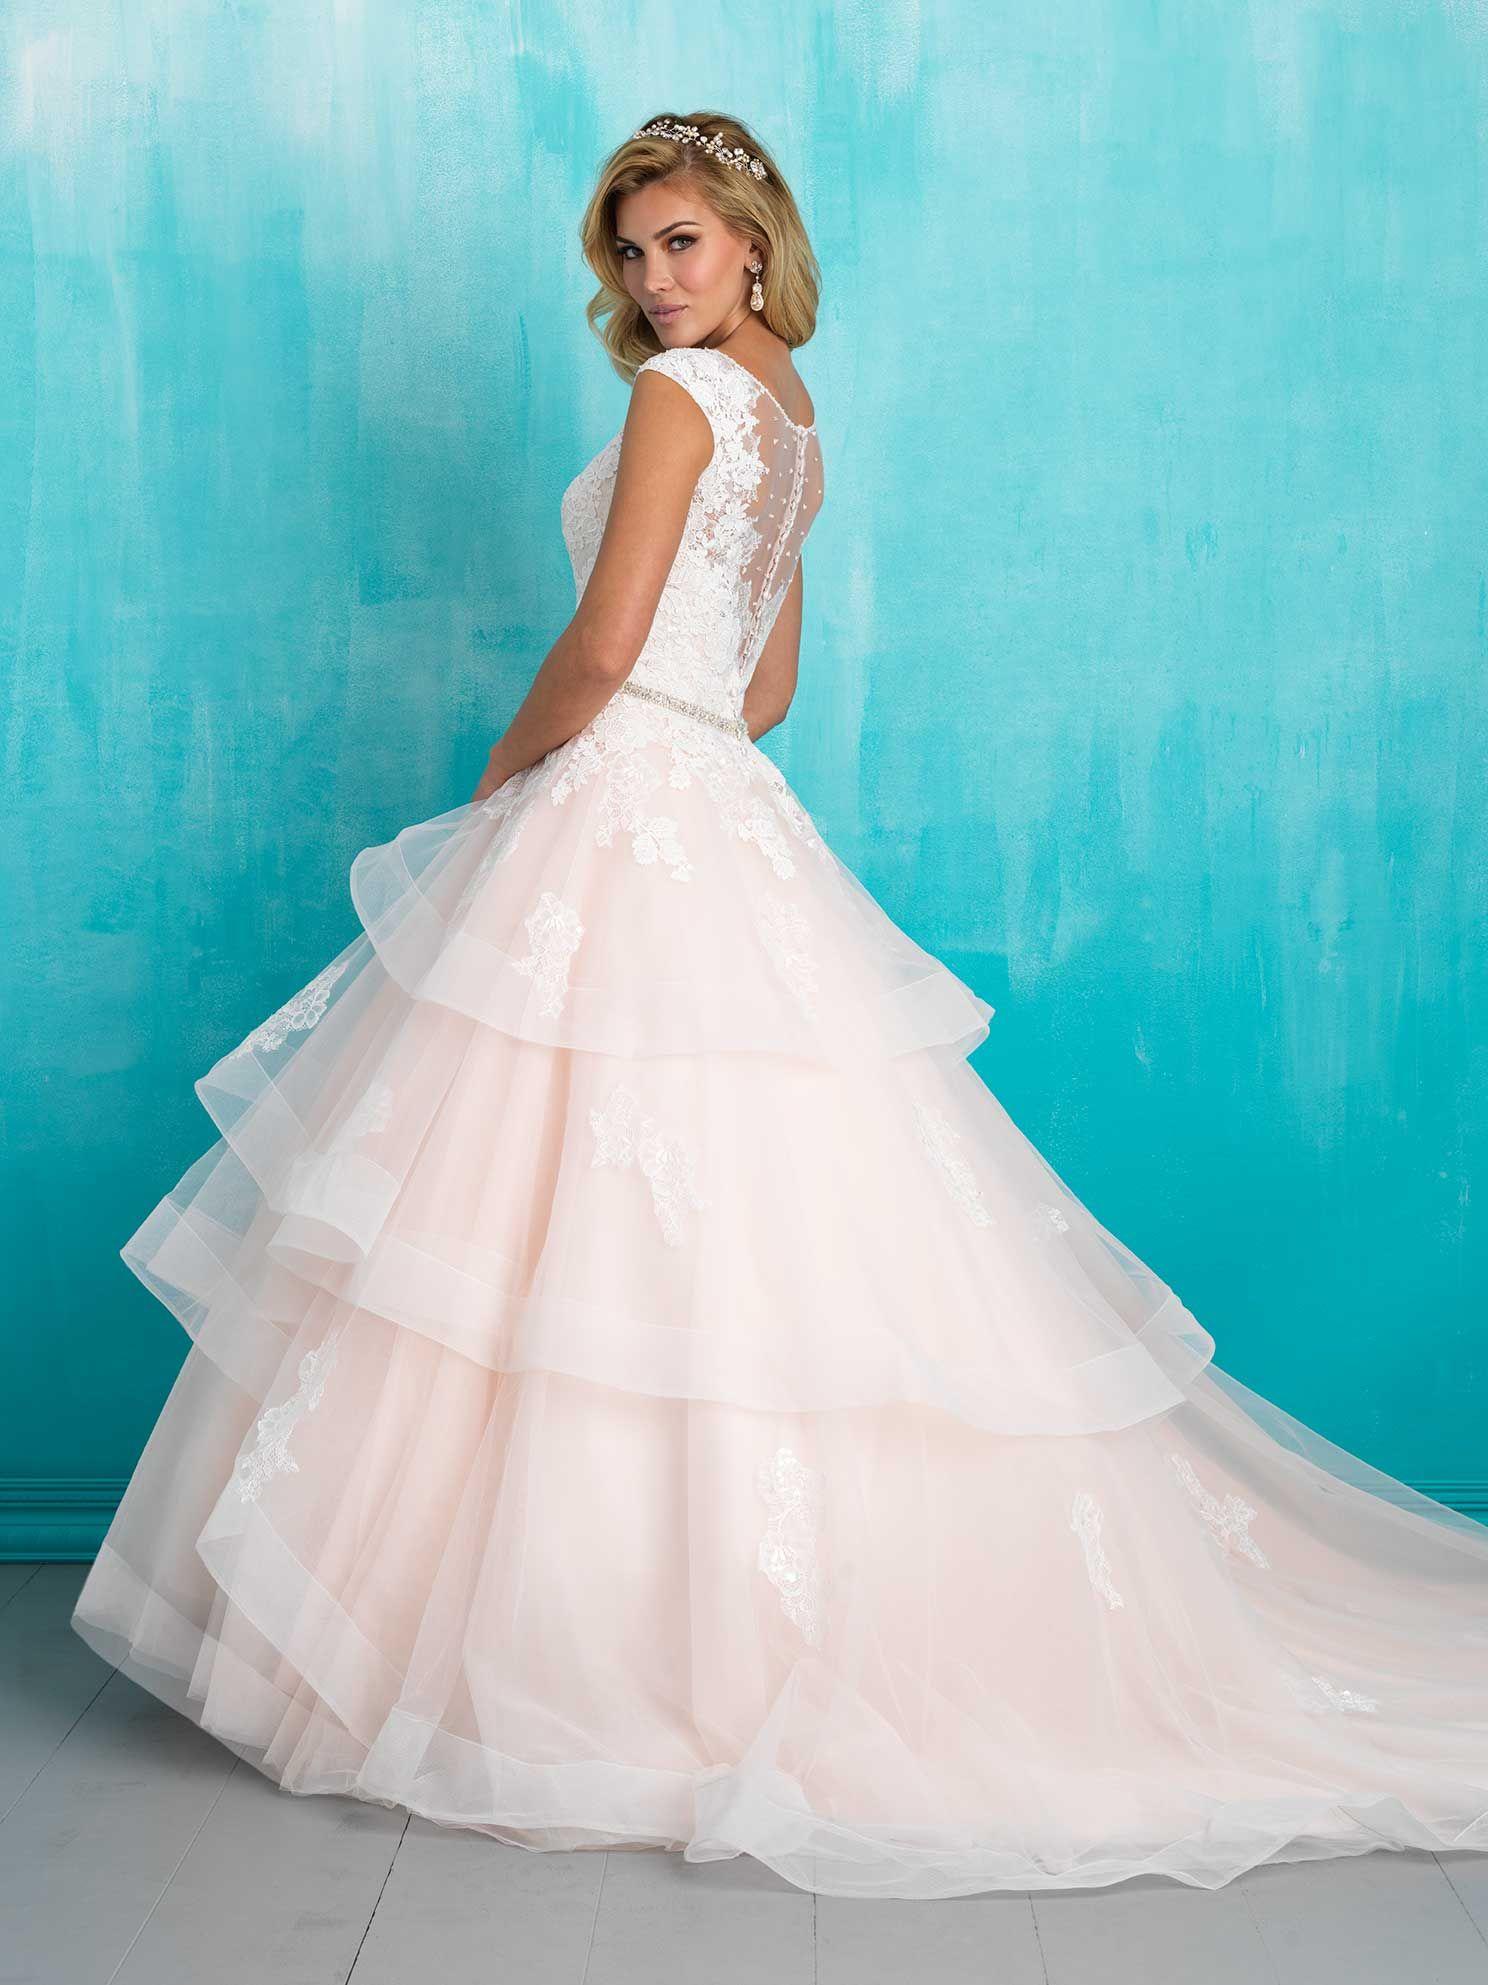 Allure Bridals: Style: 9321 | A L L U R E BRIDALS | Pinterest ...